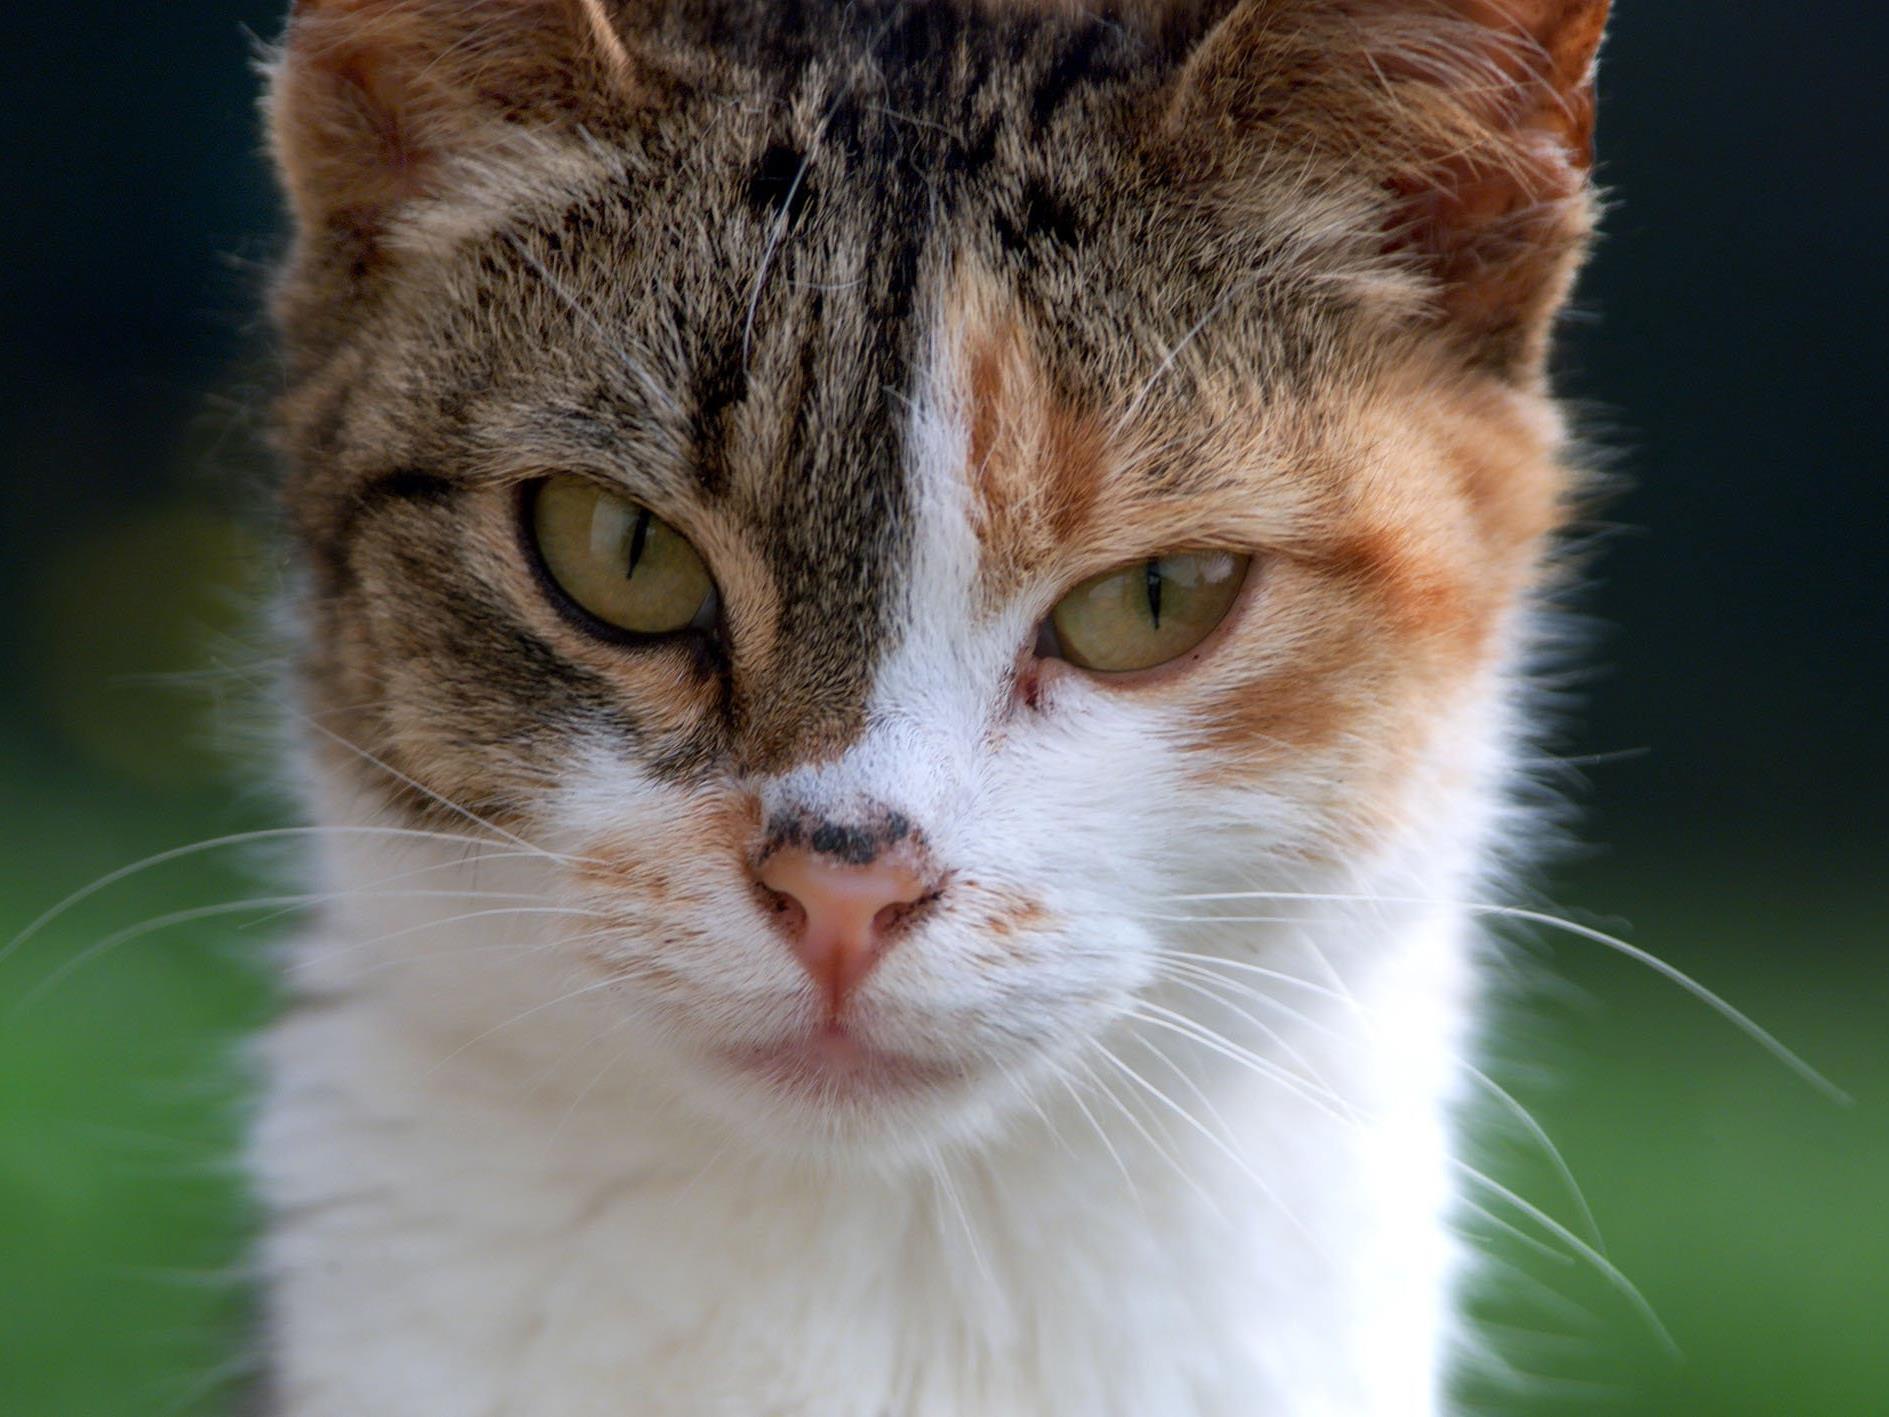 Einige Katzen haben mehr Follower auf Instagram als so manche Persönlichkeiten